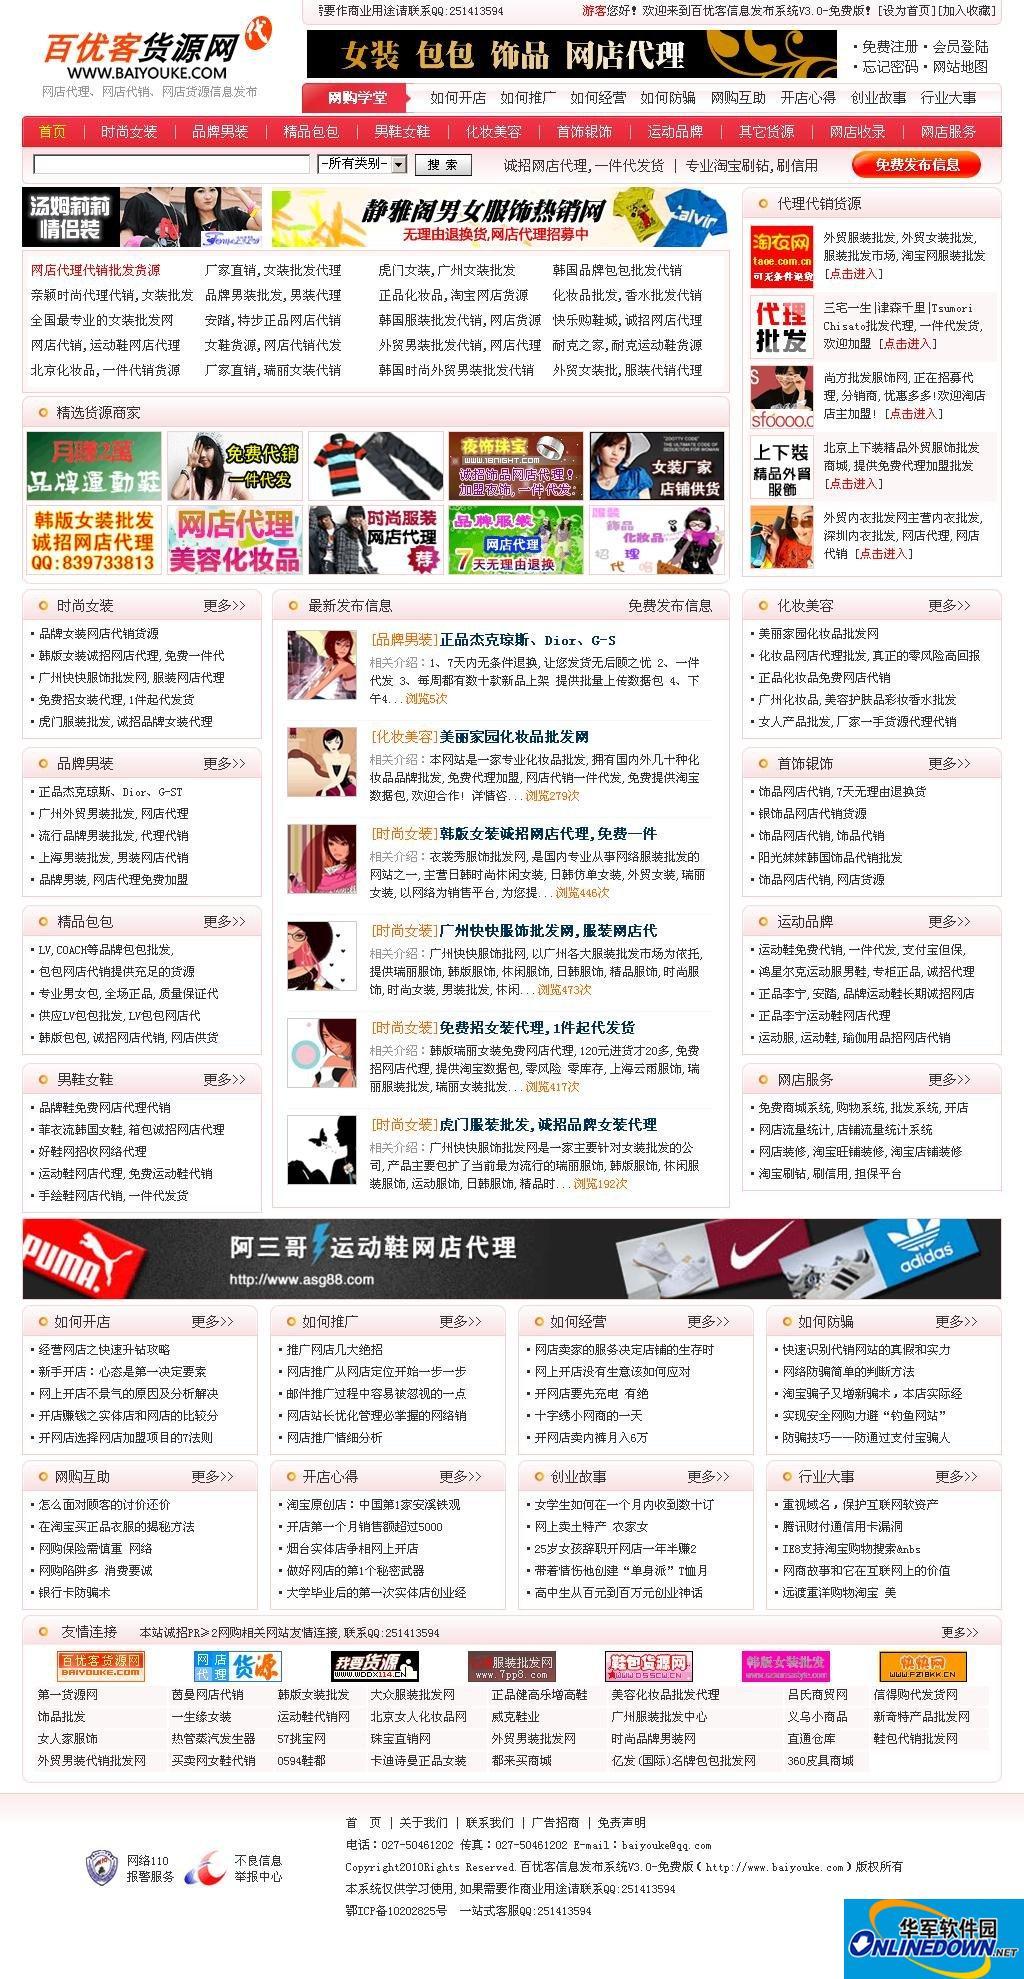 百优客信息发布系统 3